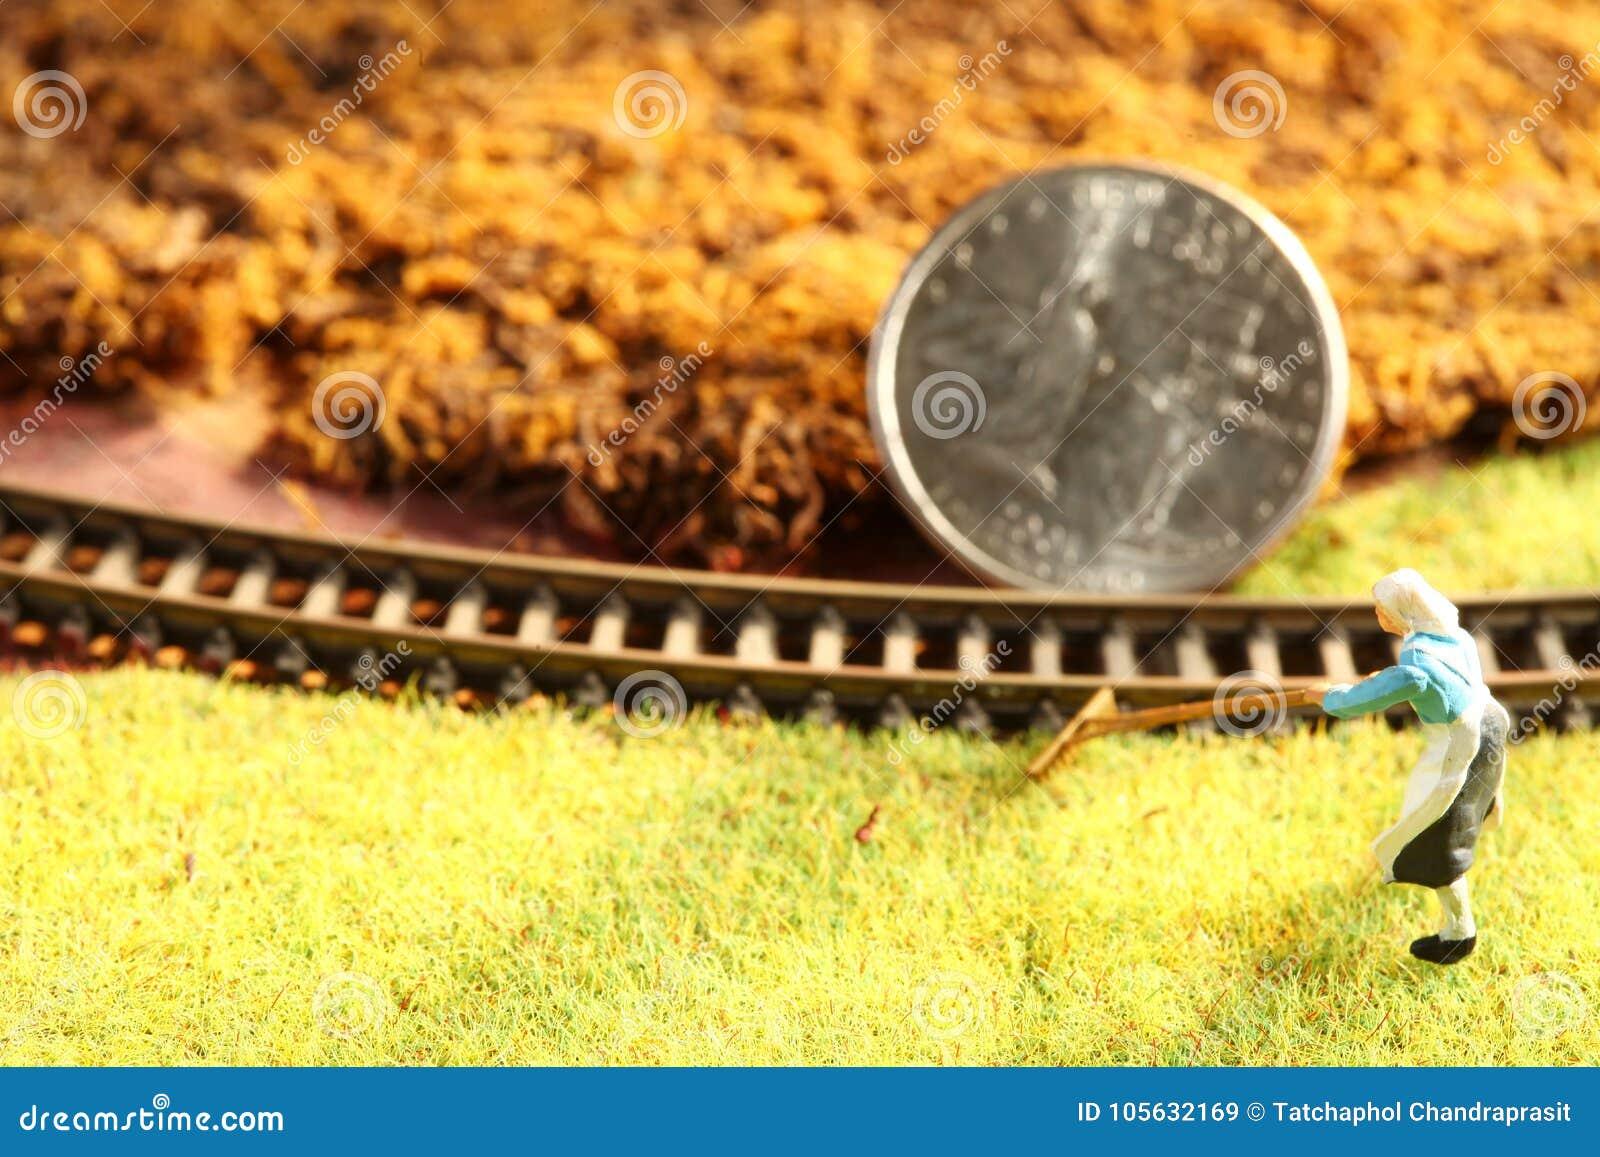 La moneta dei soldi ha messo sopra la scena di modello miniatura della ferrovia